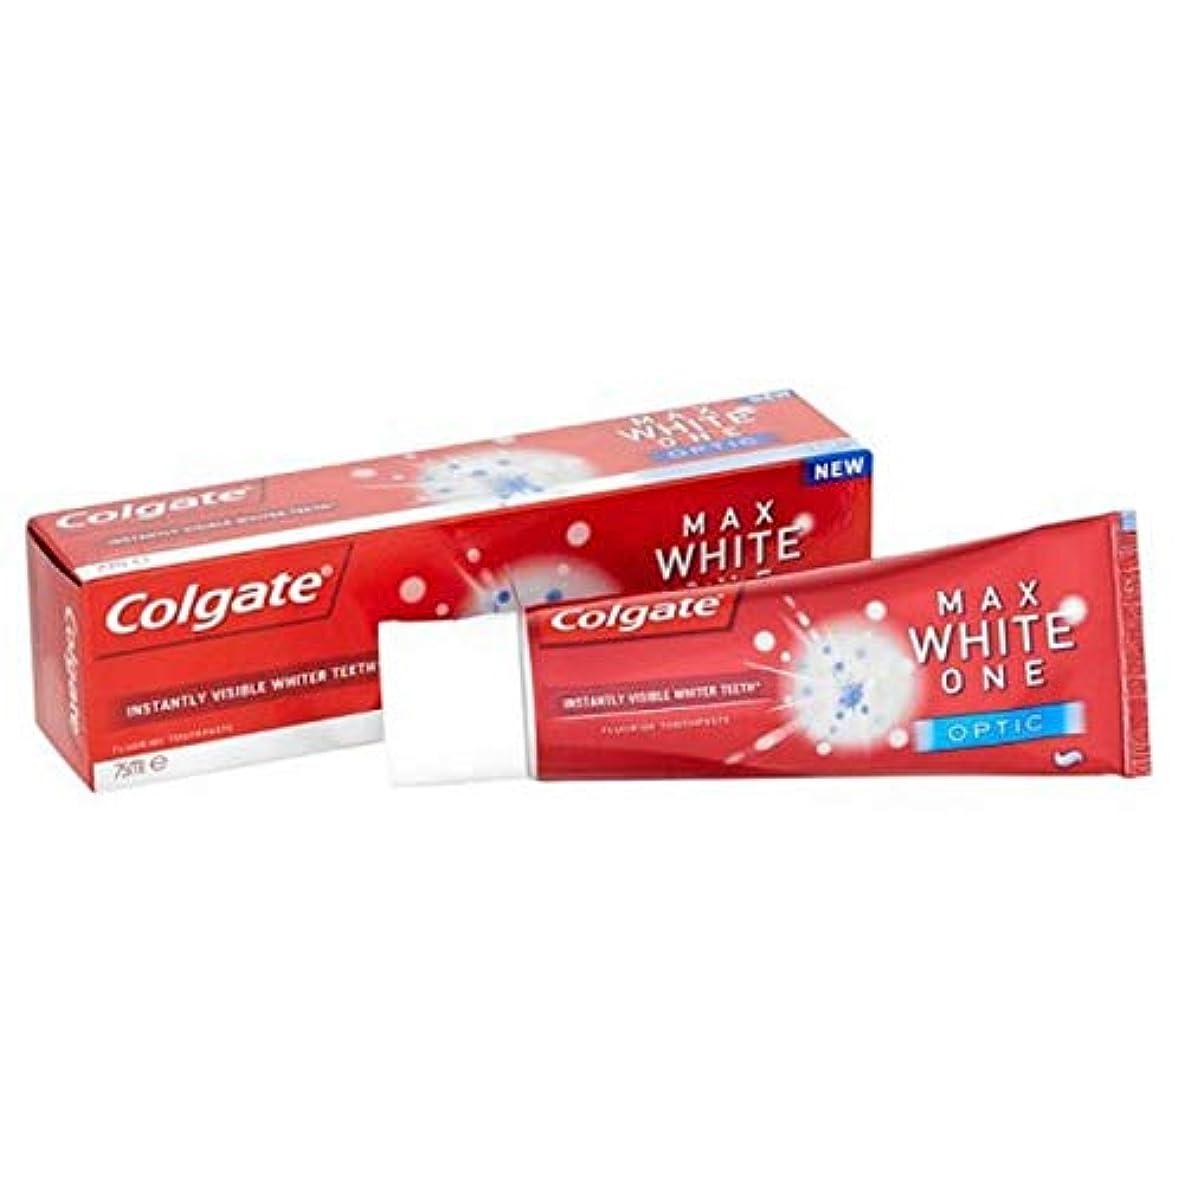 先侵入導入する[Colgate ] コルゲート最大白1つの光学歯磨き粉25ミリリットル - Colgate Max White One Optic Toothpaste 25ml [並行輸入品]